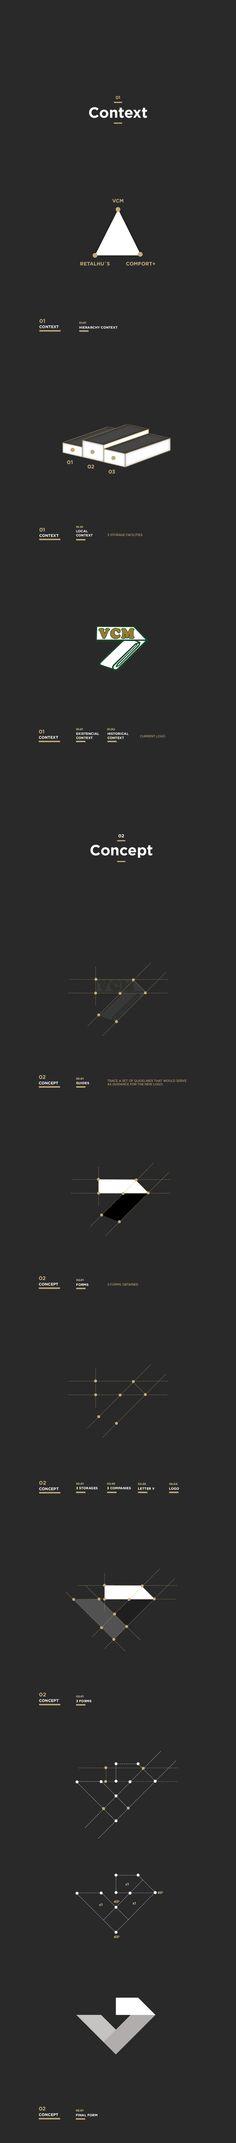 VCM Rebranding by Tiago Machado, via Behance